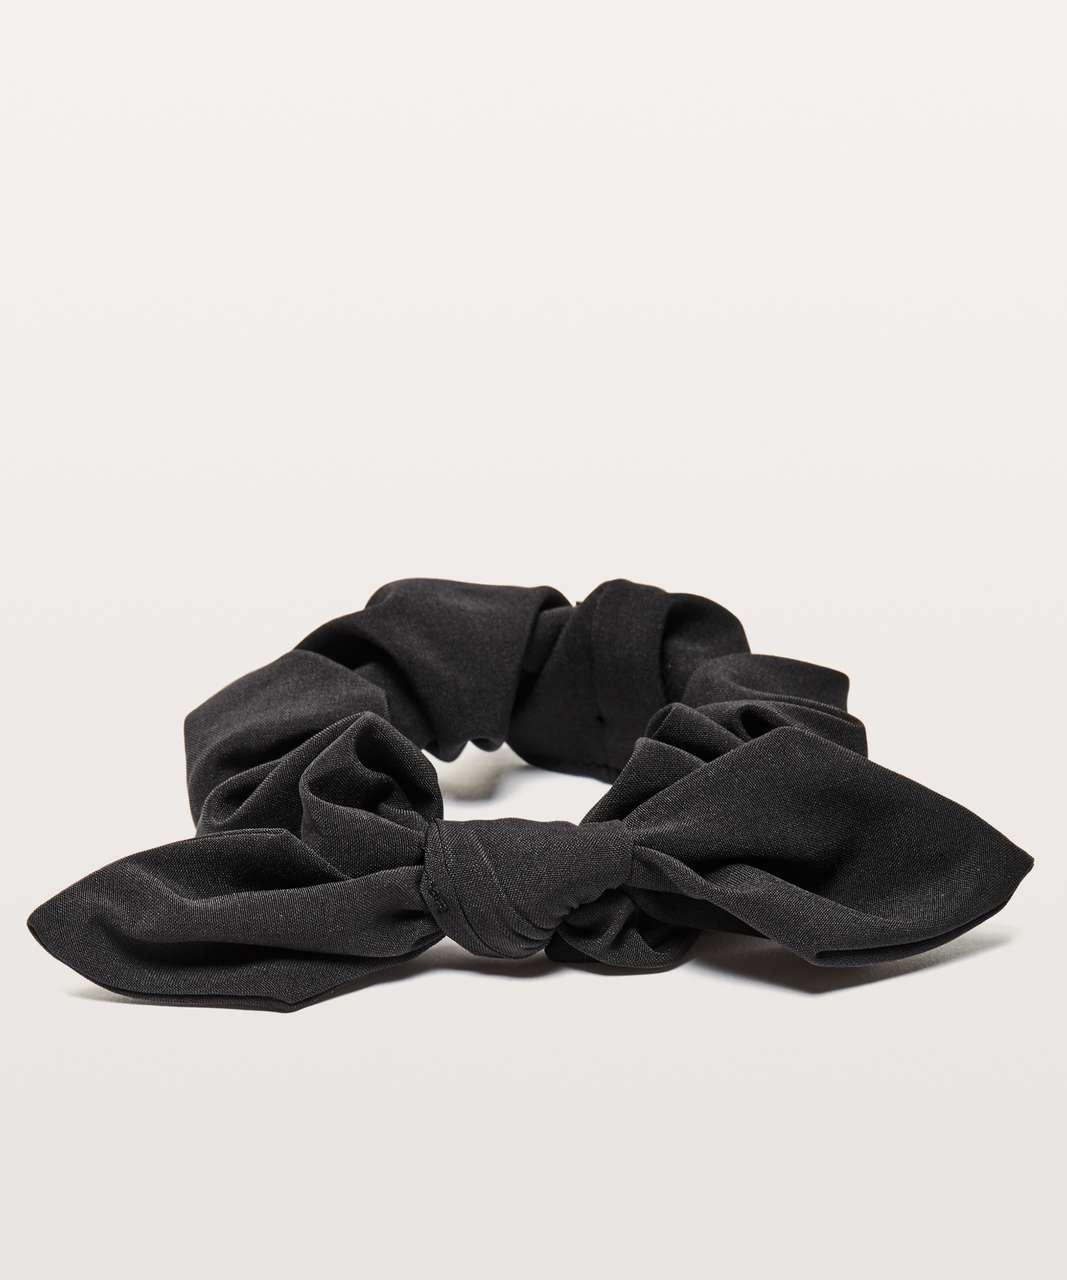 Lululemon Uplifting Scrunchie *Bow - Black